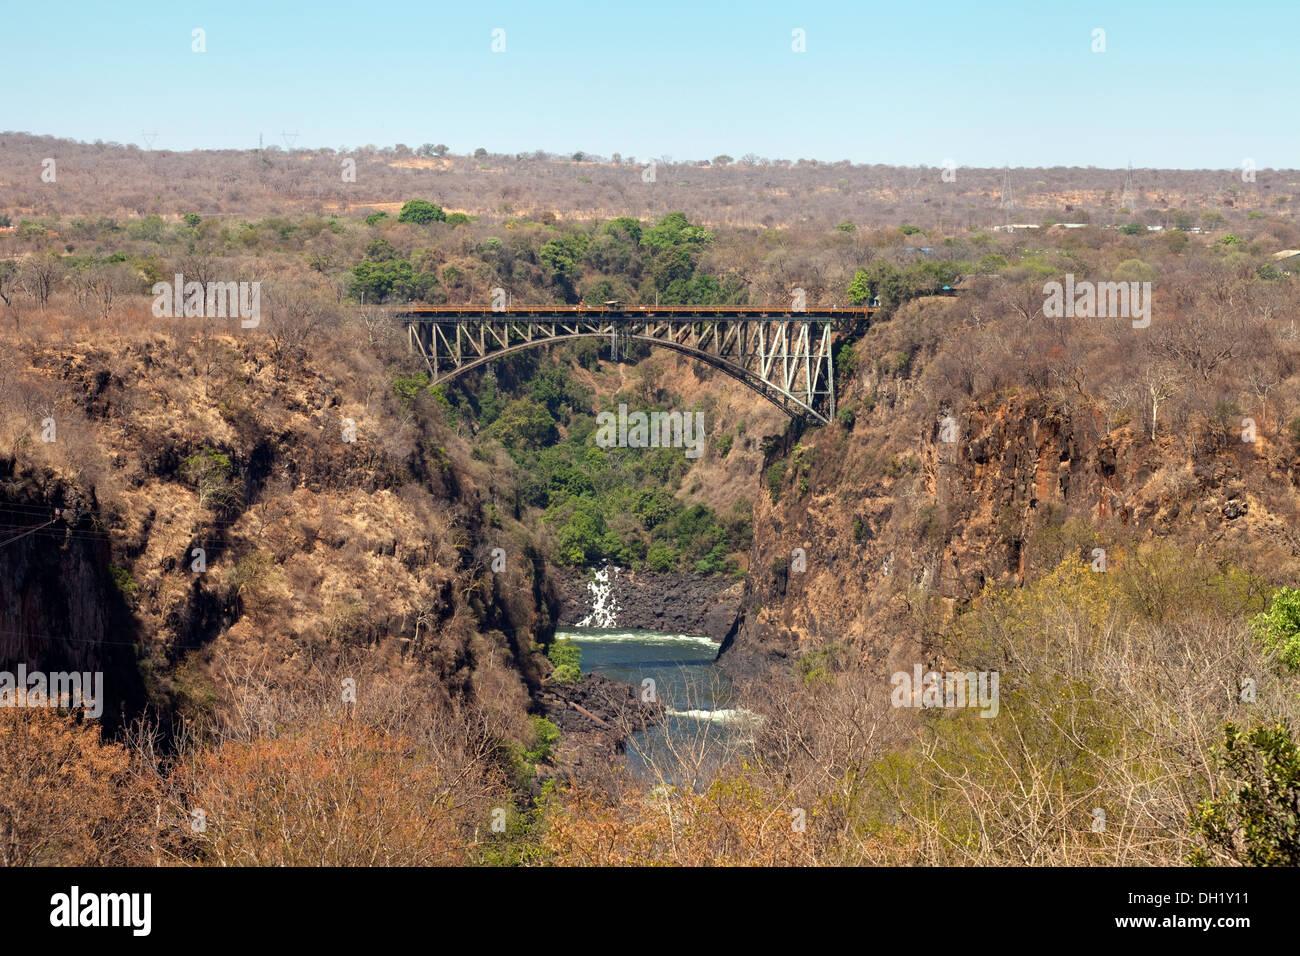 Les Chutes Victoria pont enjambant le fleuve Zambèze en aval des chutes, vu depuis le Zimbabwe Photo Stock